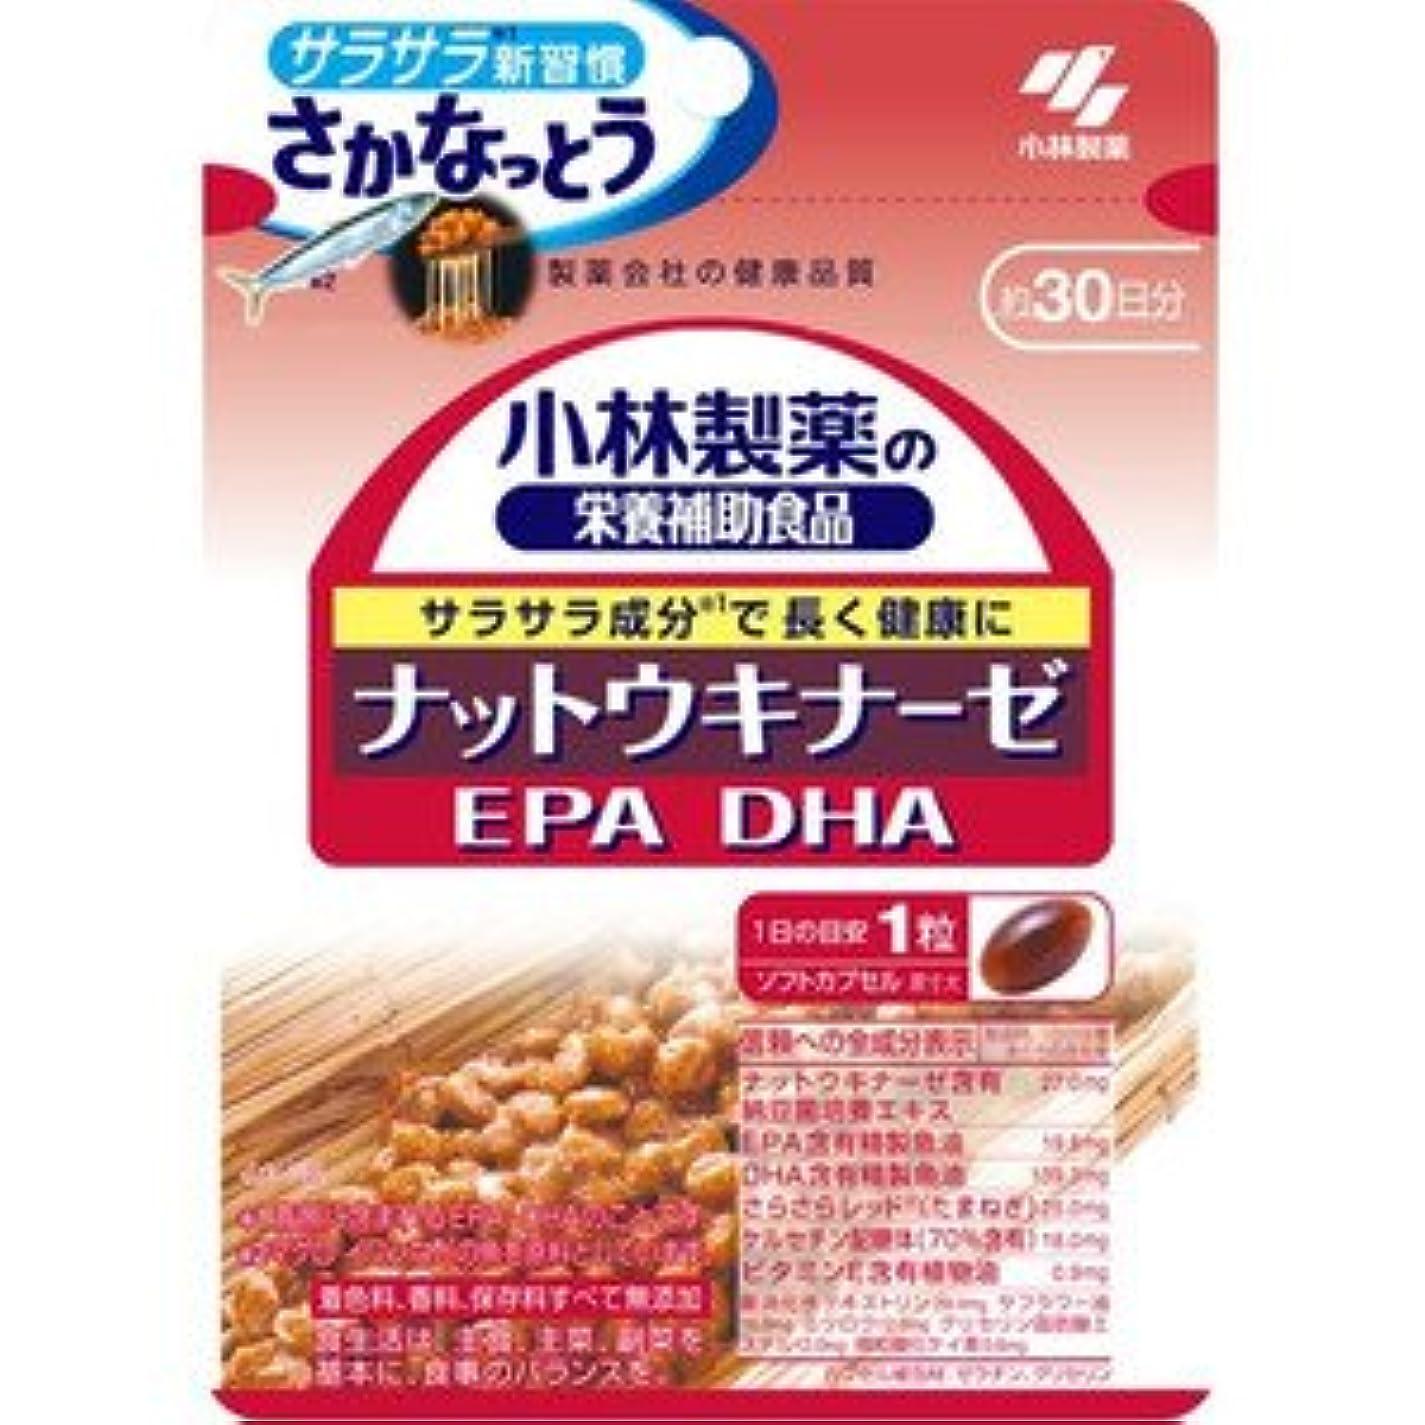 機関屈辱する続編【小林製薬】ナットウキナーゼ (EPA/DHA) 30粒(お買い得3個セット)